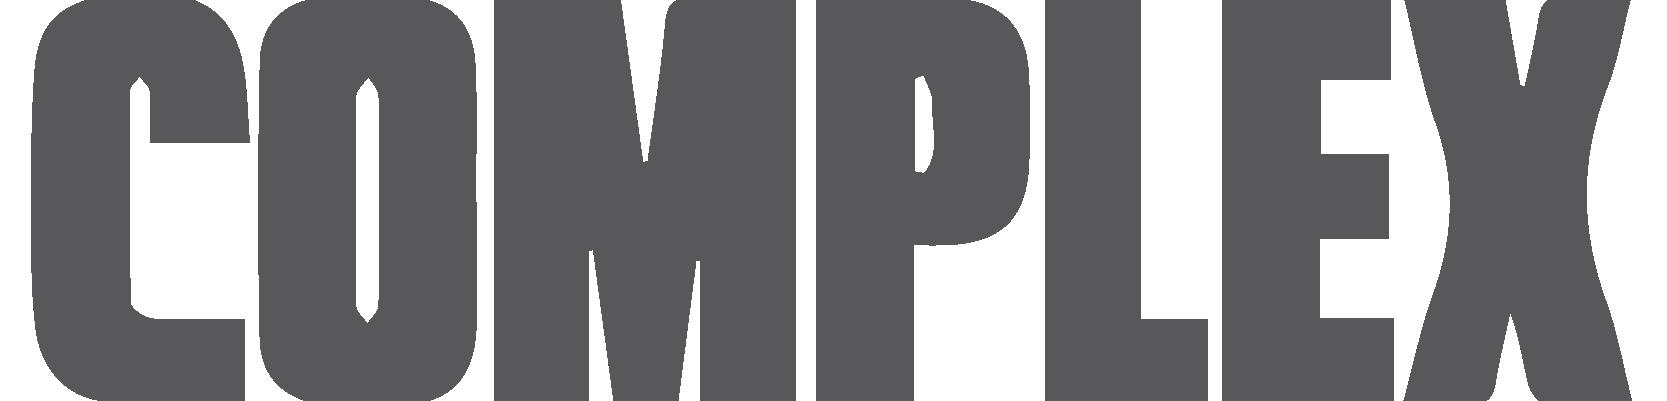 metiercreative portfollio  apr2018-05